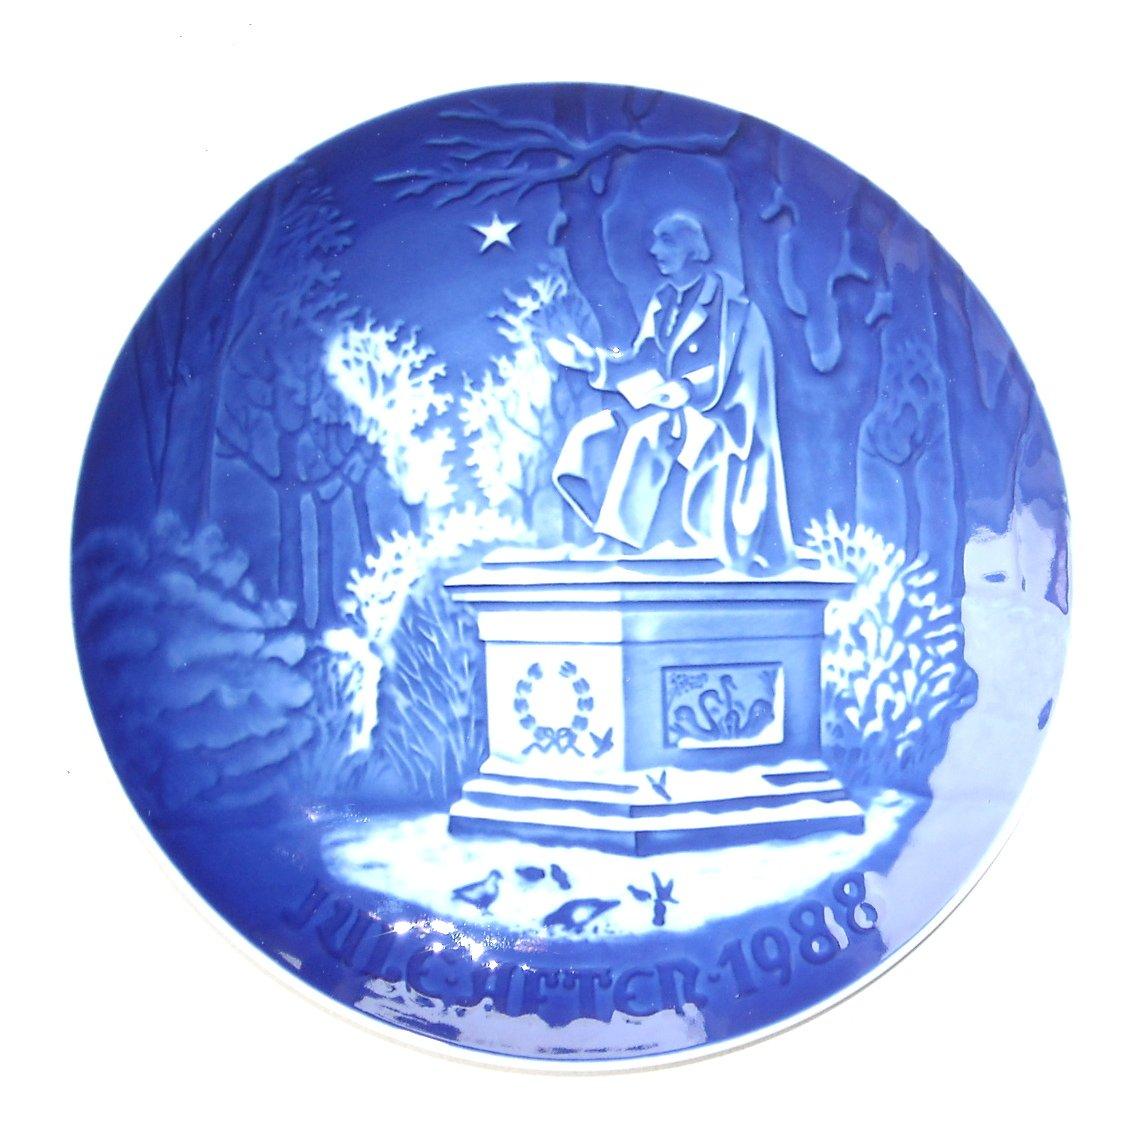 Bing Grondahl Denmark Hans Christian Andersen Christmas Plate 1988